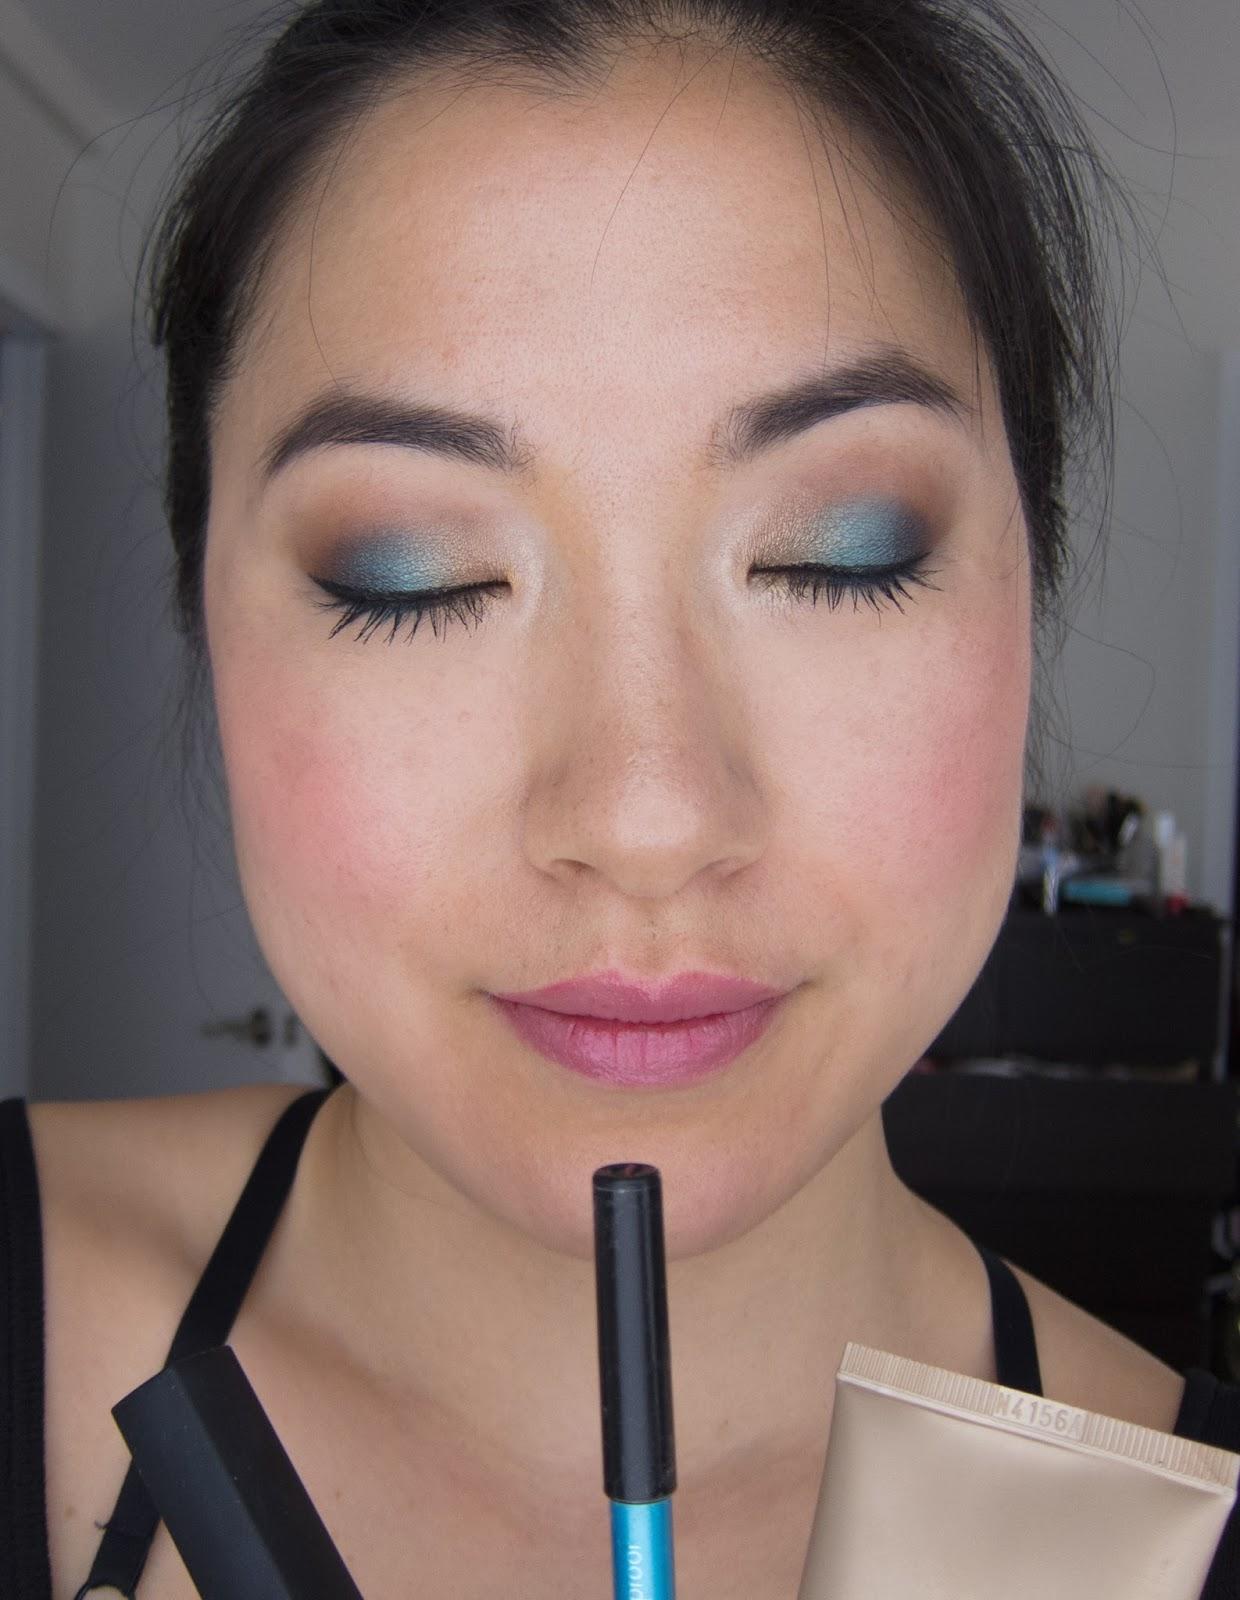 Sephora eye makeup